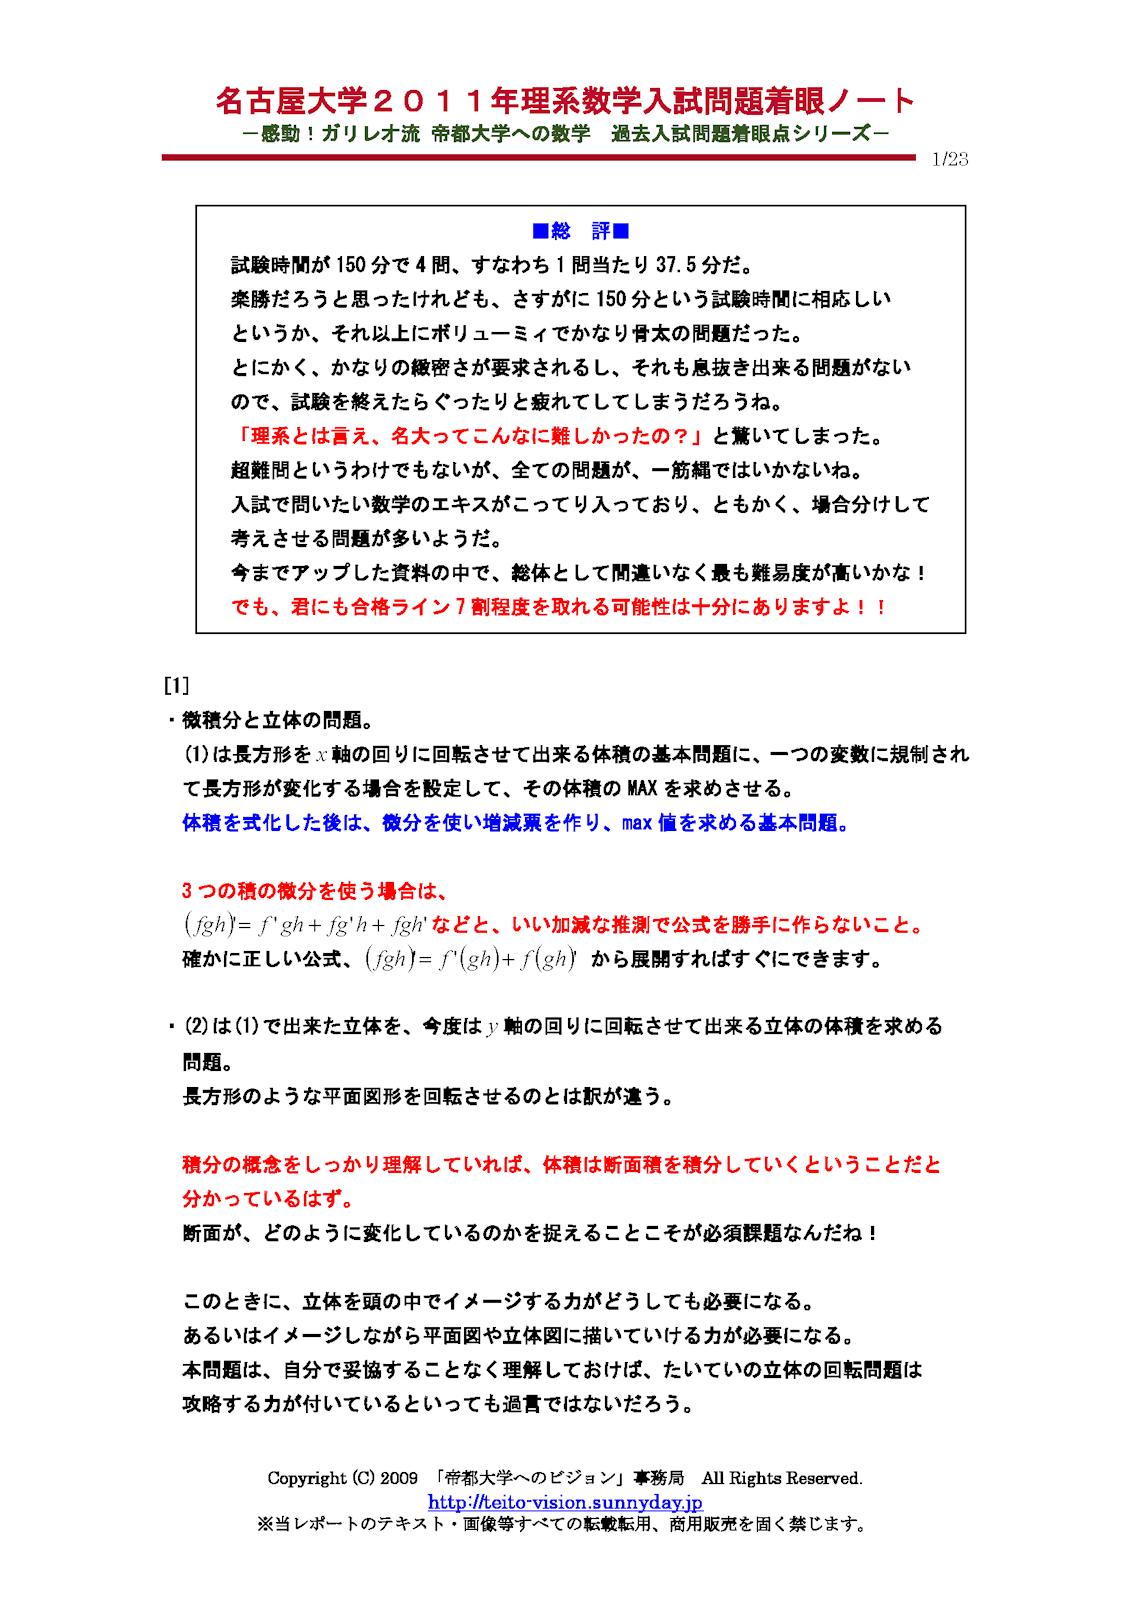 名古屋大学2011年理系数学入試問題着眼点ノート